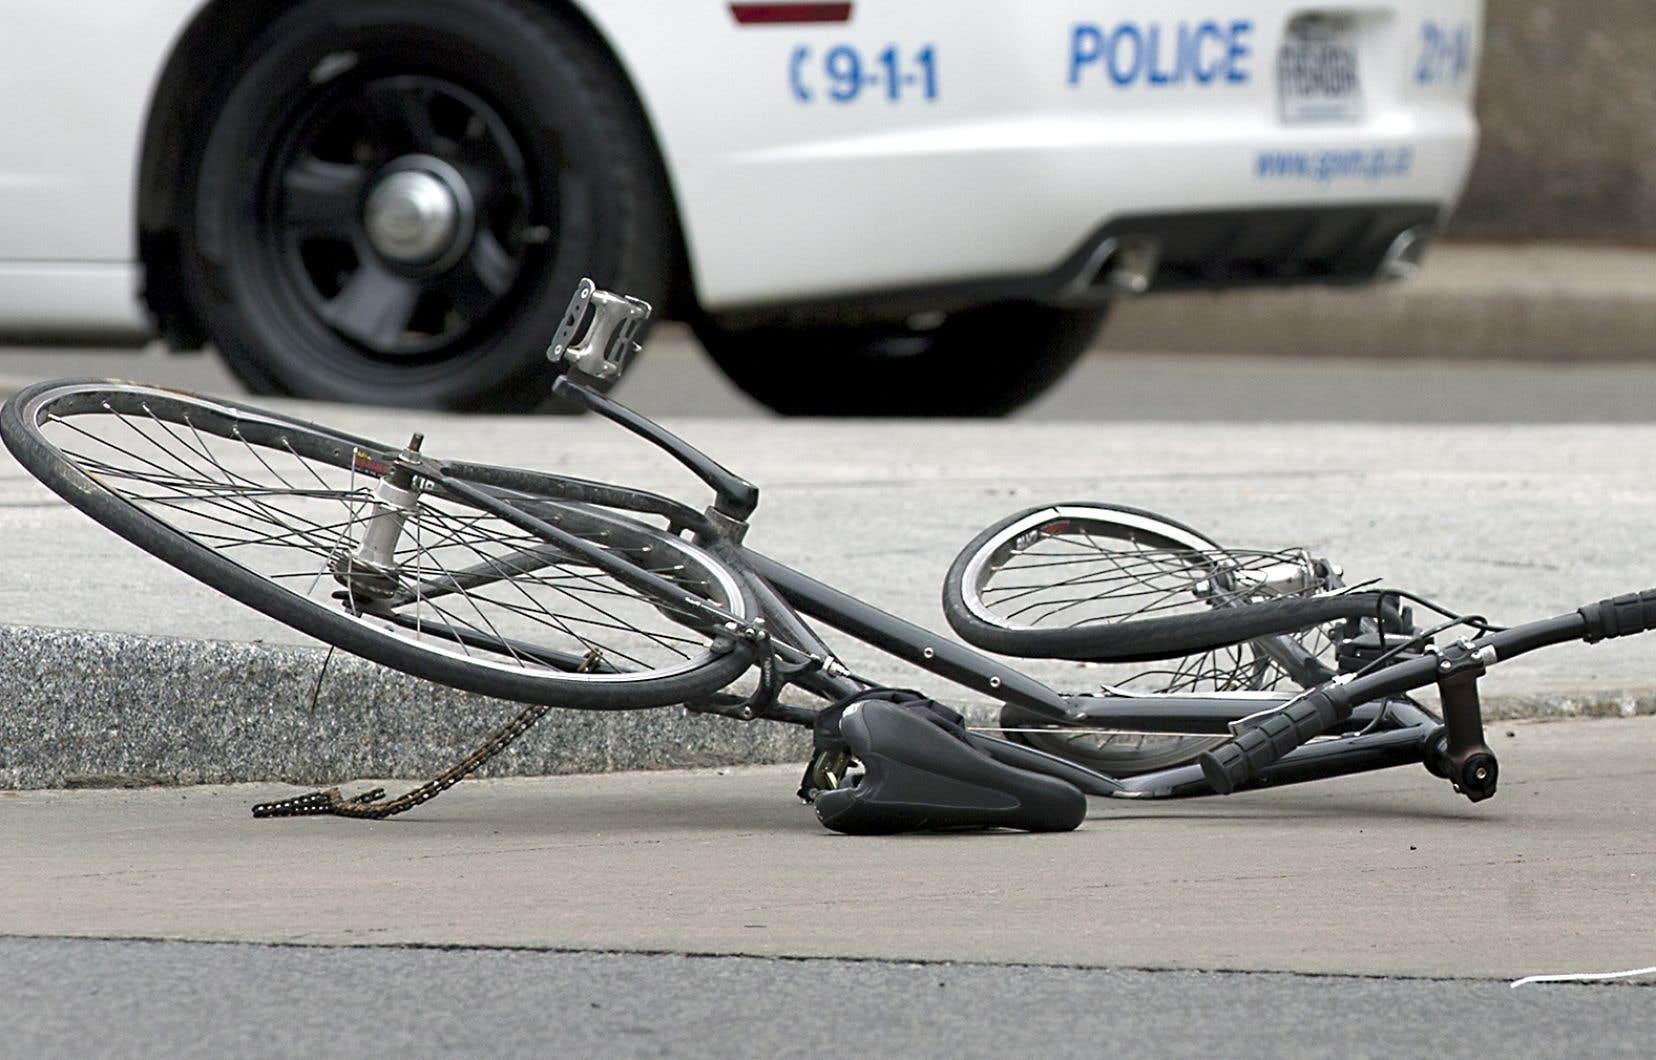 La proportion de cyclistes sans casque ayant perdu la vie dans une collision s'avère plus élevée chez les hommes que chez les femmes, ainsi que parmi les jeunes de moins de 20ans.